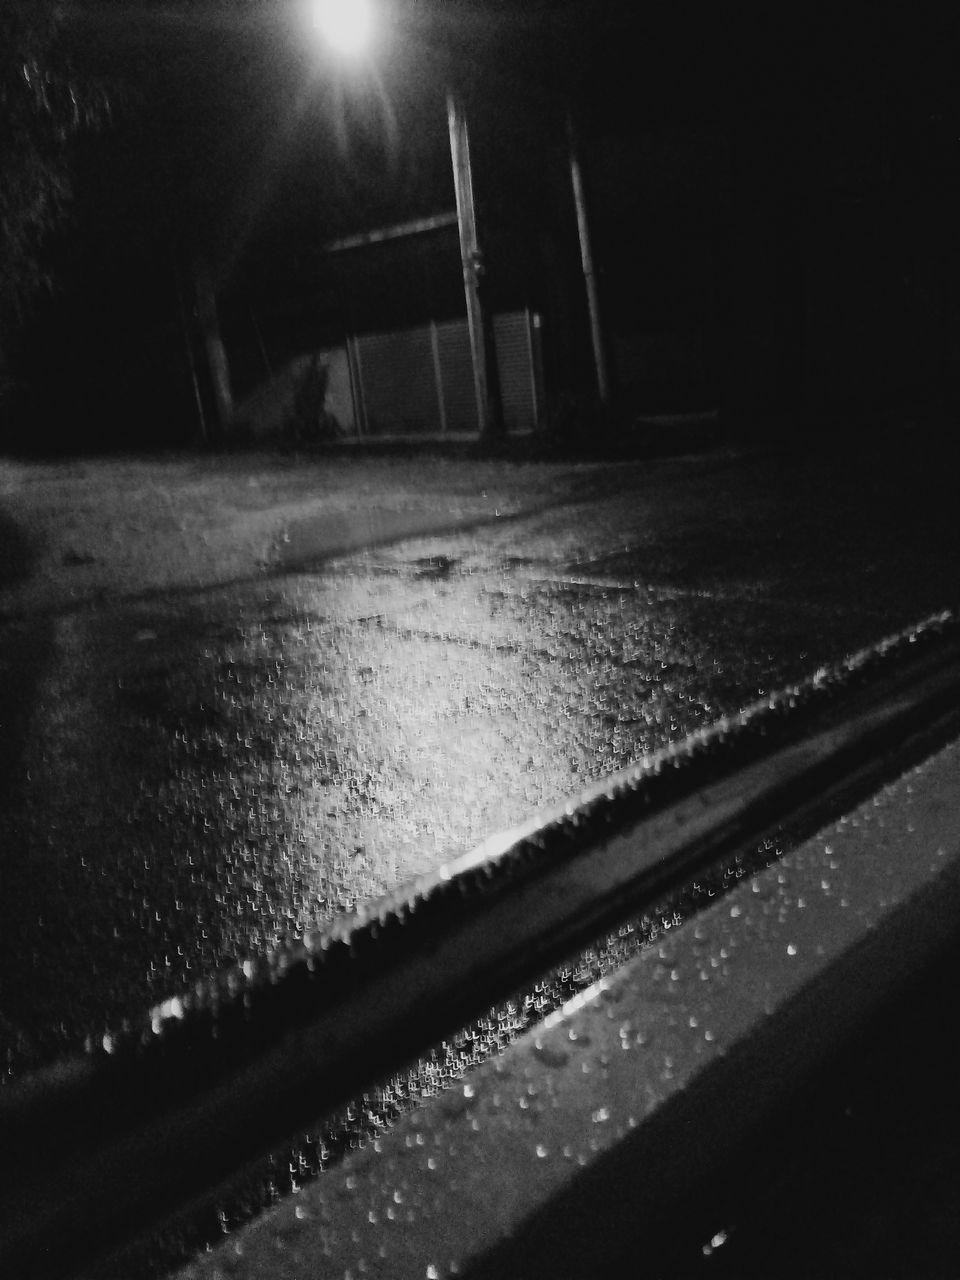 night, illuminated, no people, indoors, close-up